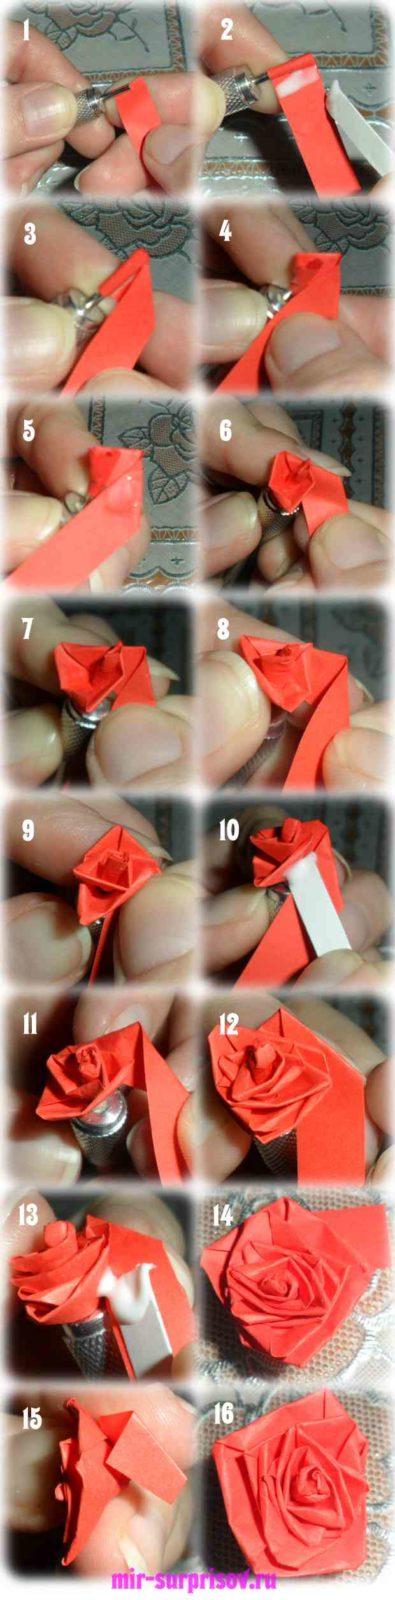 Как сделать розу для квиллинга 727